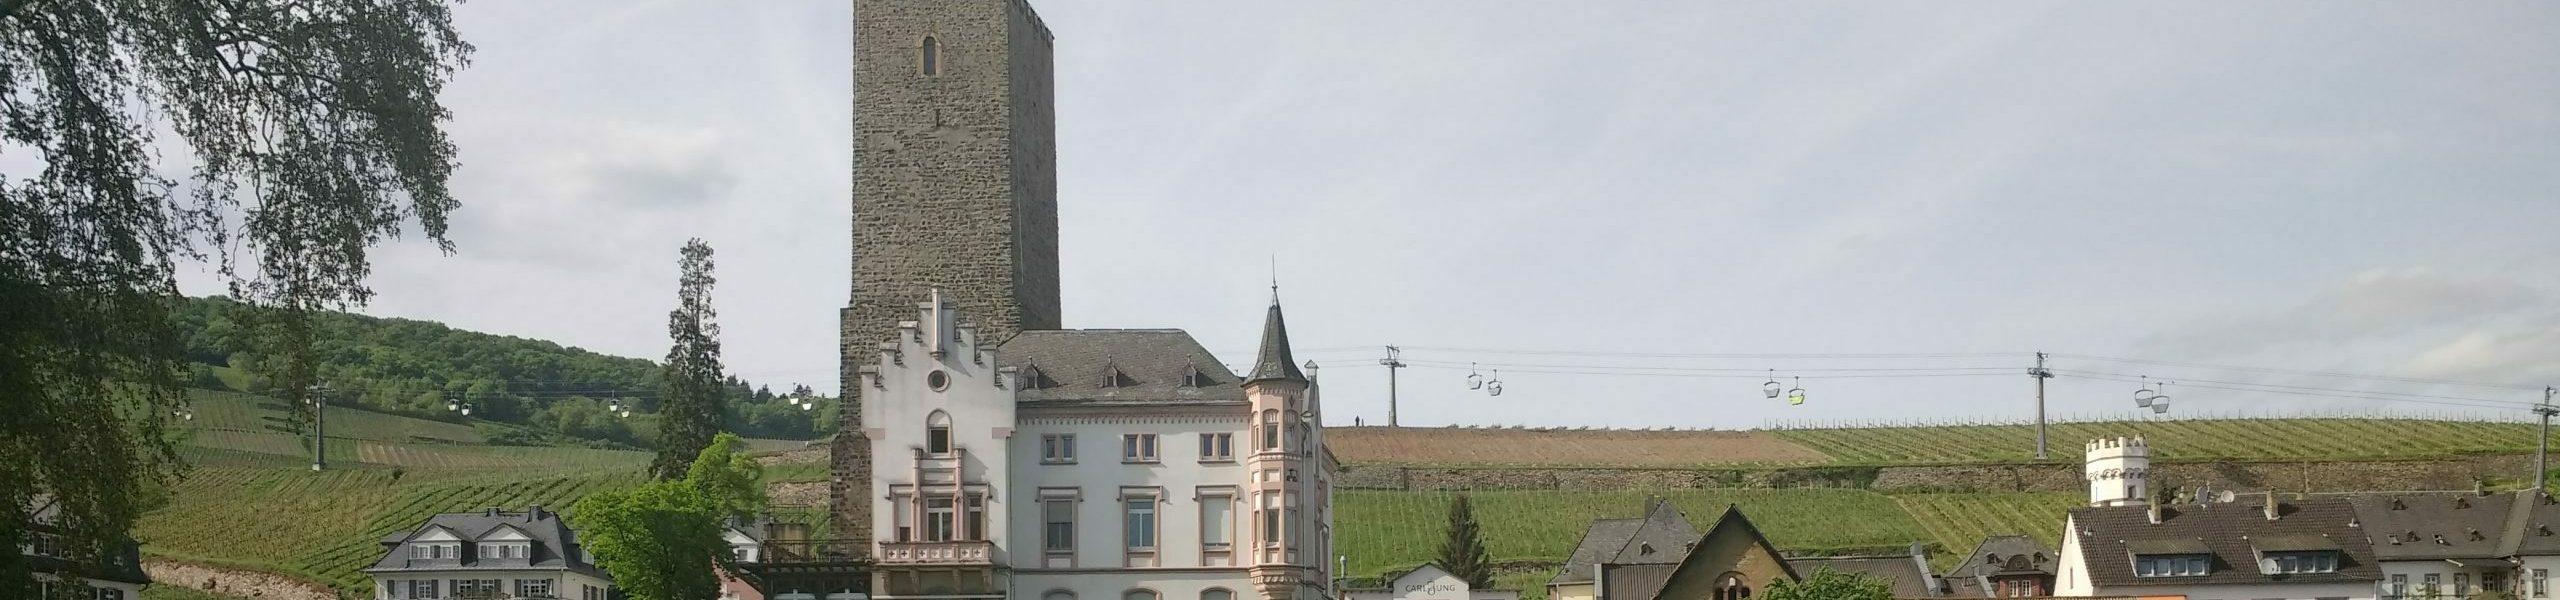 Weinbaugemeinde Rüdesheim a. R. / Hessen